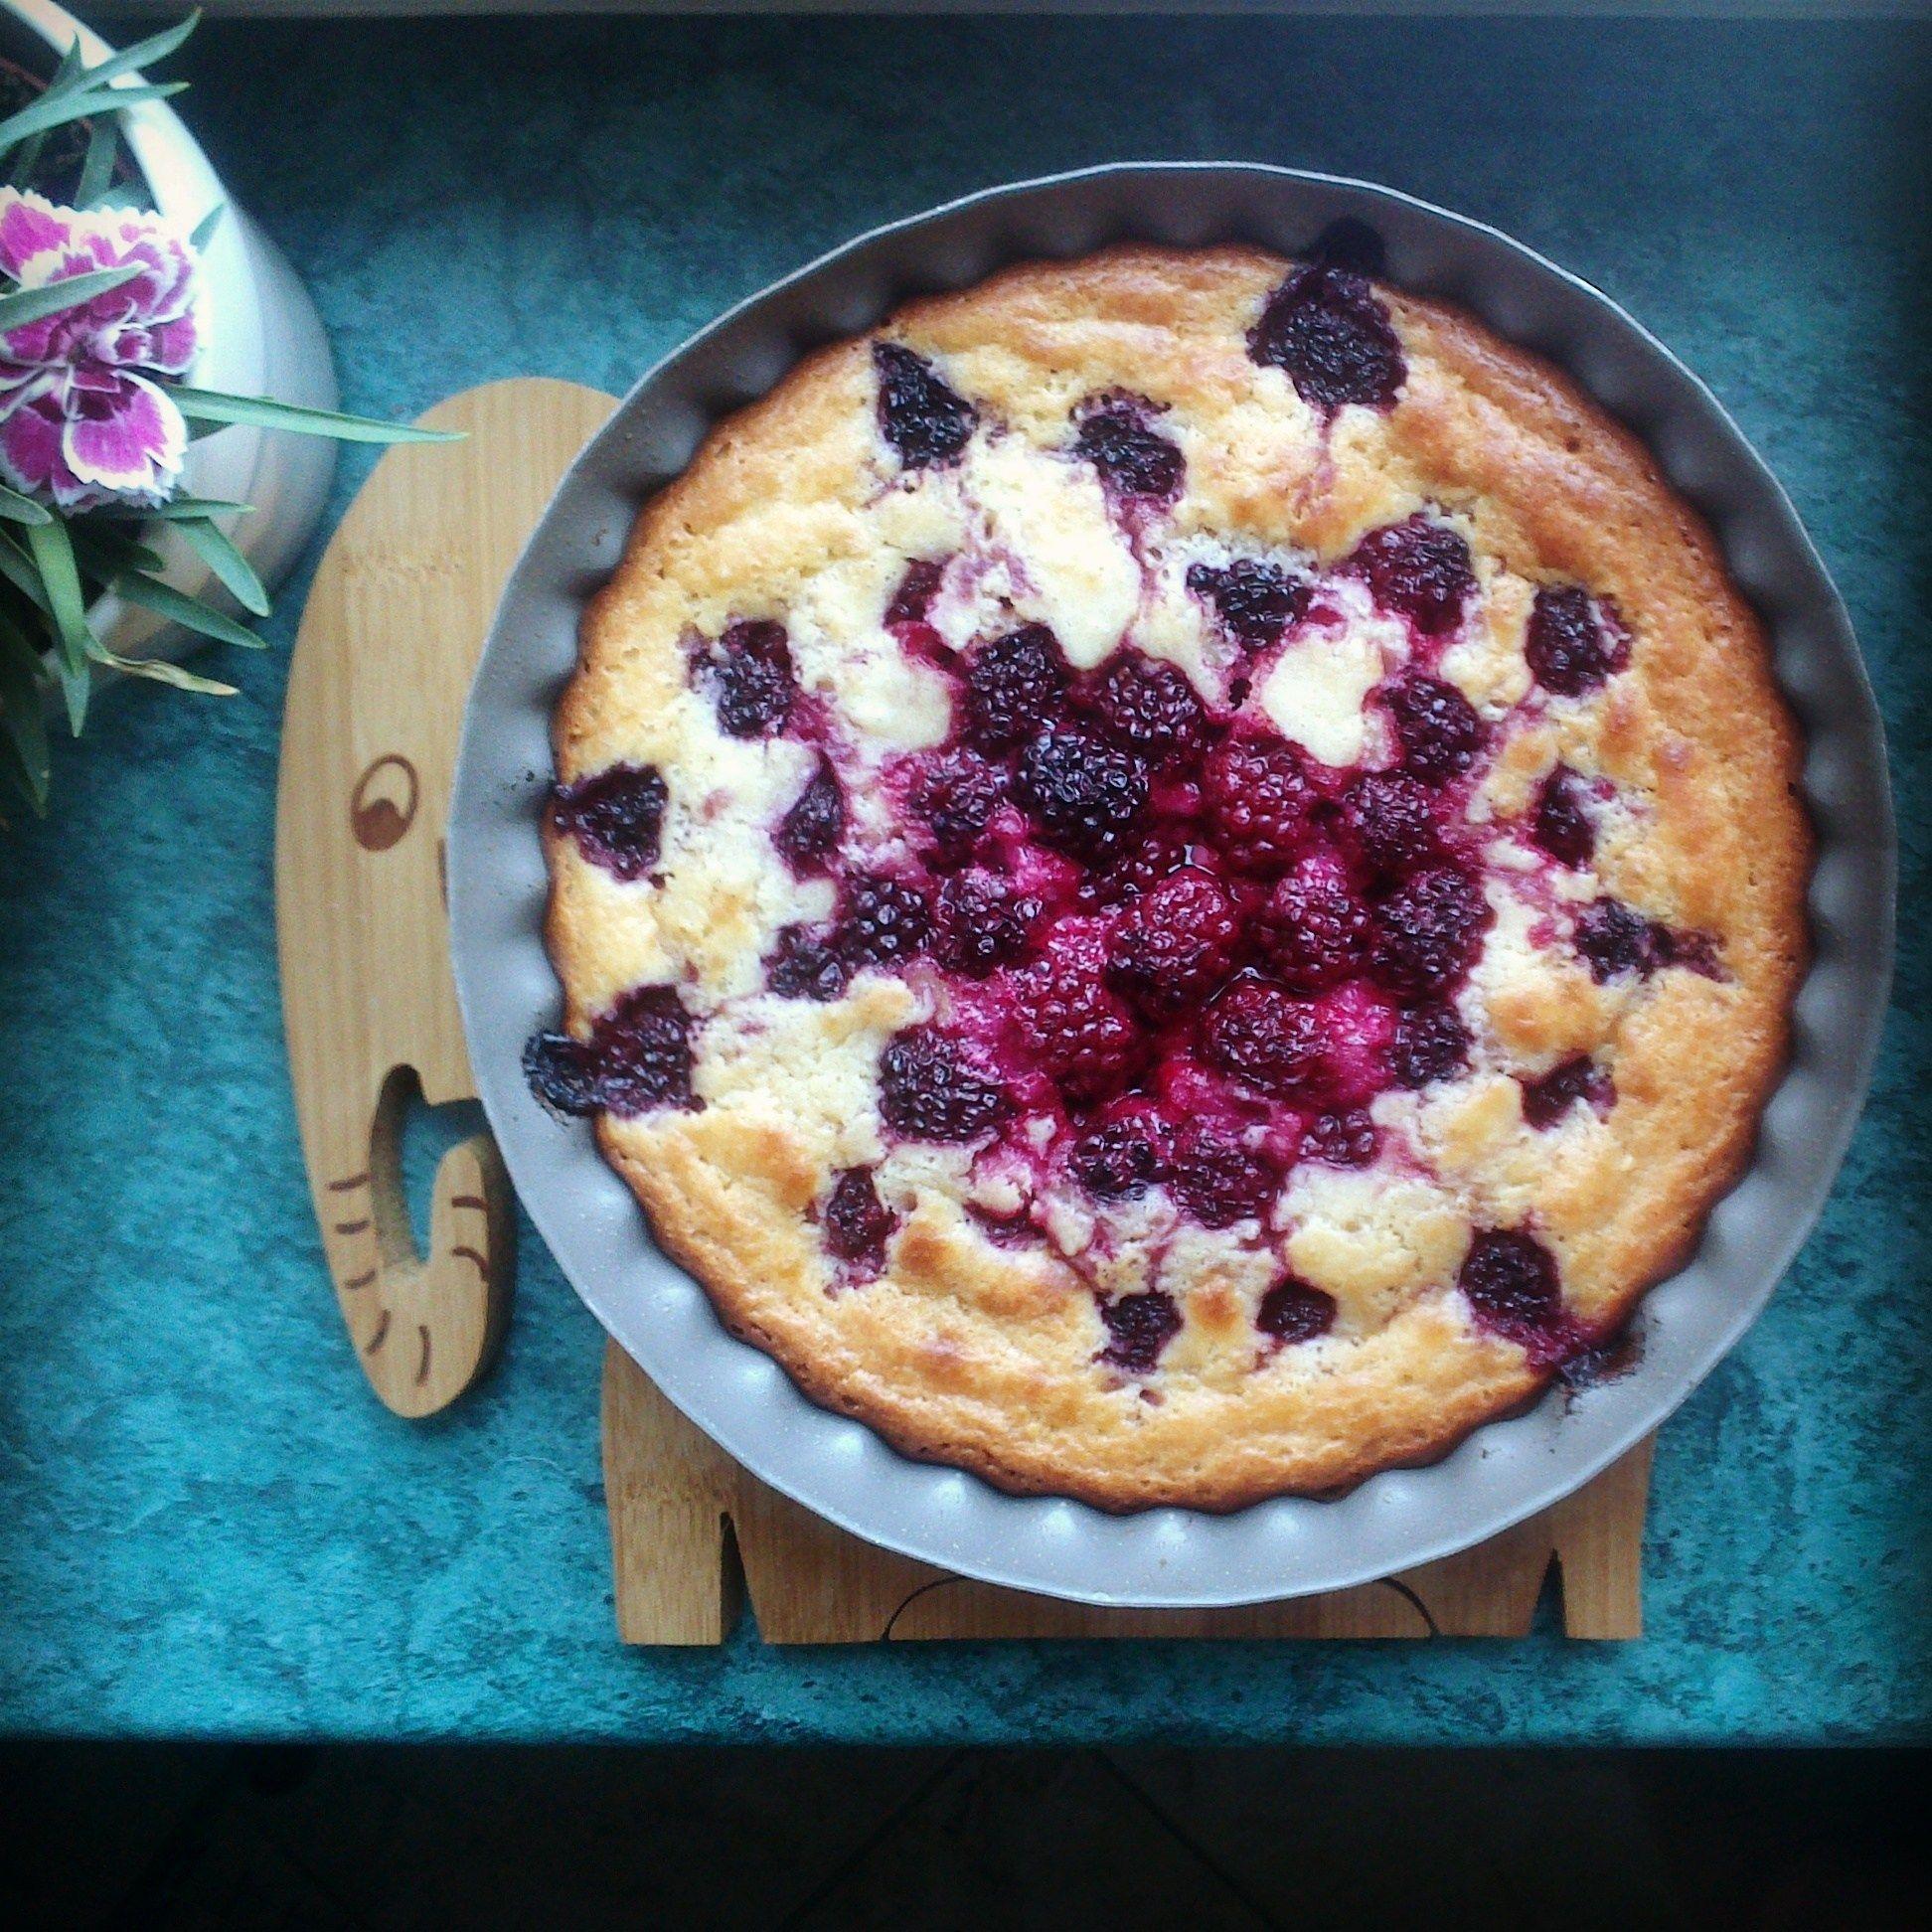 вместе разобраться, пирог из йогурта рецепт с фото напольному